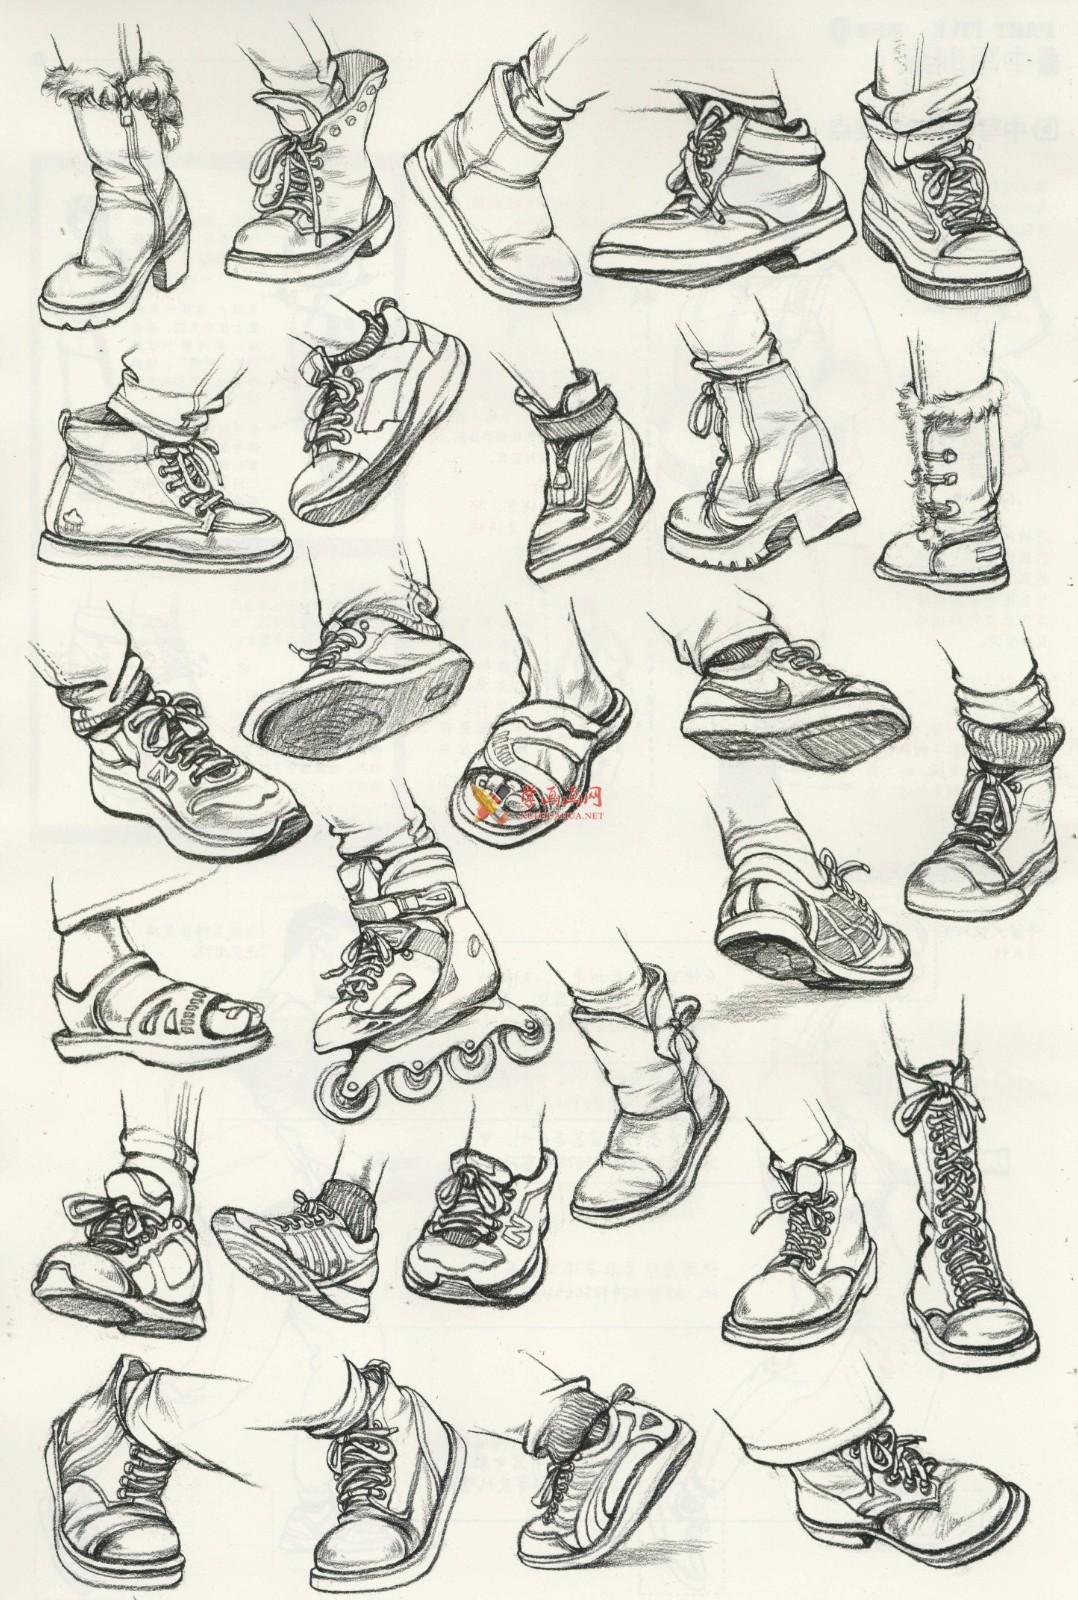 人物速写:鞋子的画法及各角度鞋子的速写画法临摹图片范画(5)